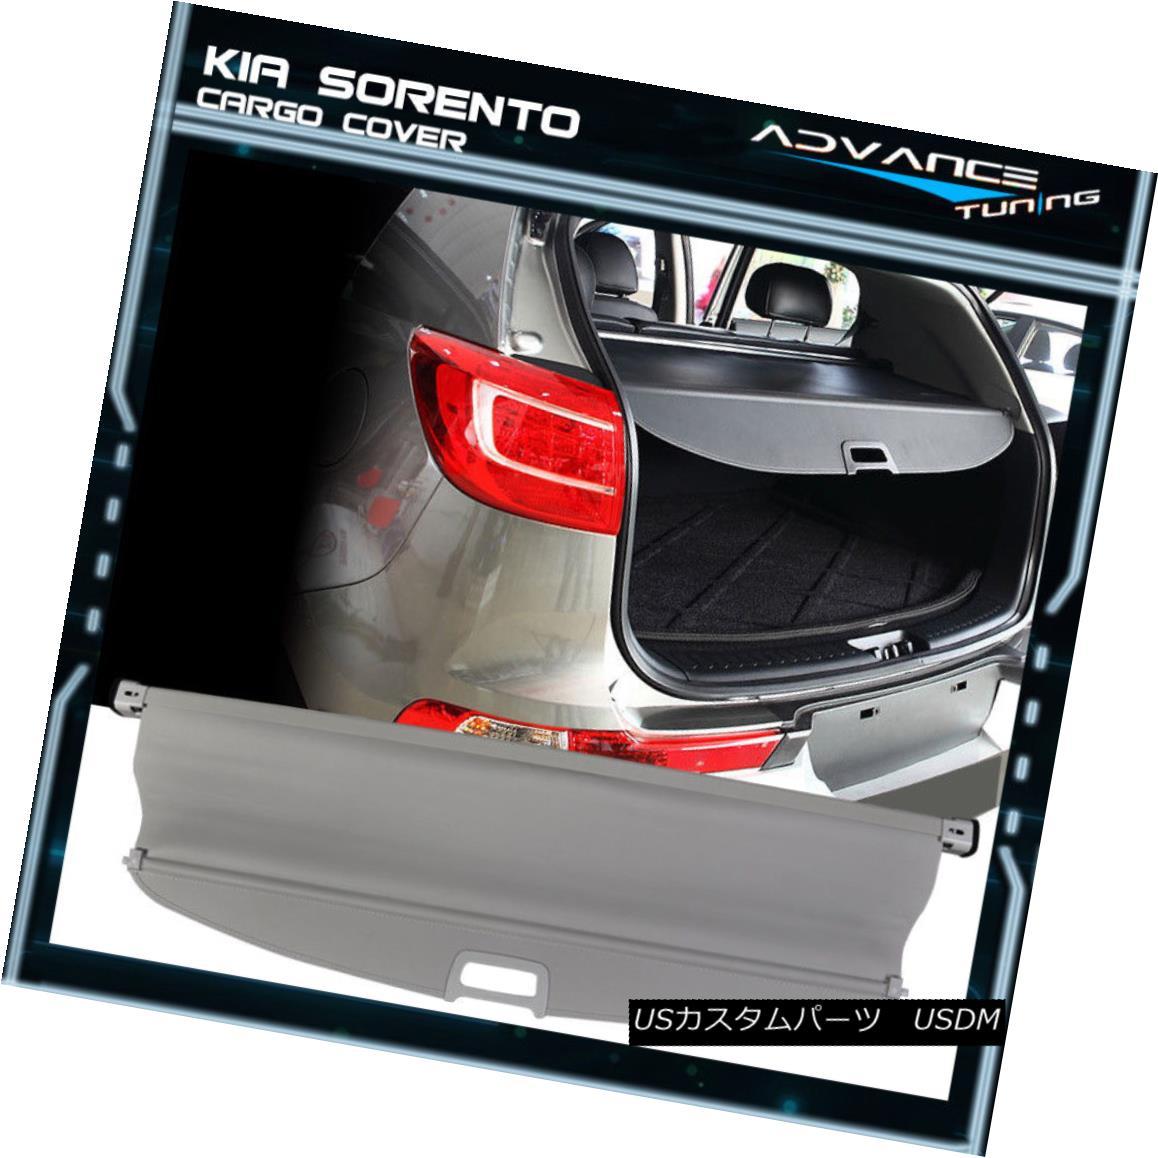 エアロパーツ Fit For 11-15 Kia Sorento OE Factory Style Retractable Rear Cargo Security Cover 11?15キアソレントOE工場スタイルのリトラクタブル後部貨物セキュリティカバーに適合